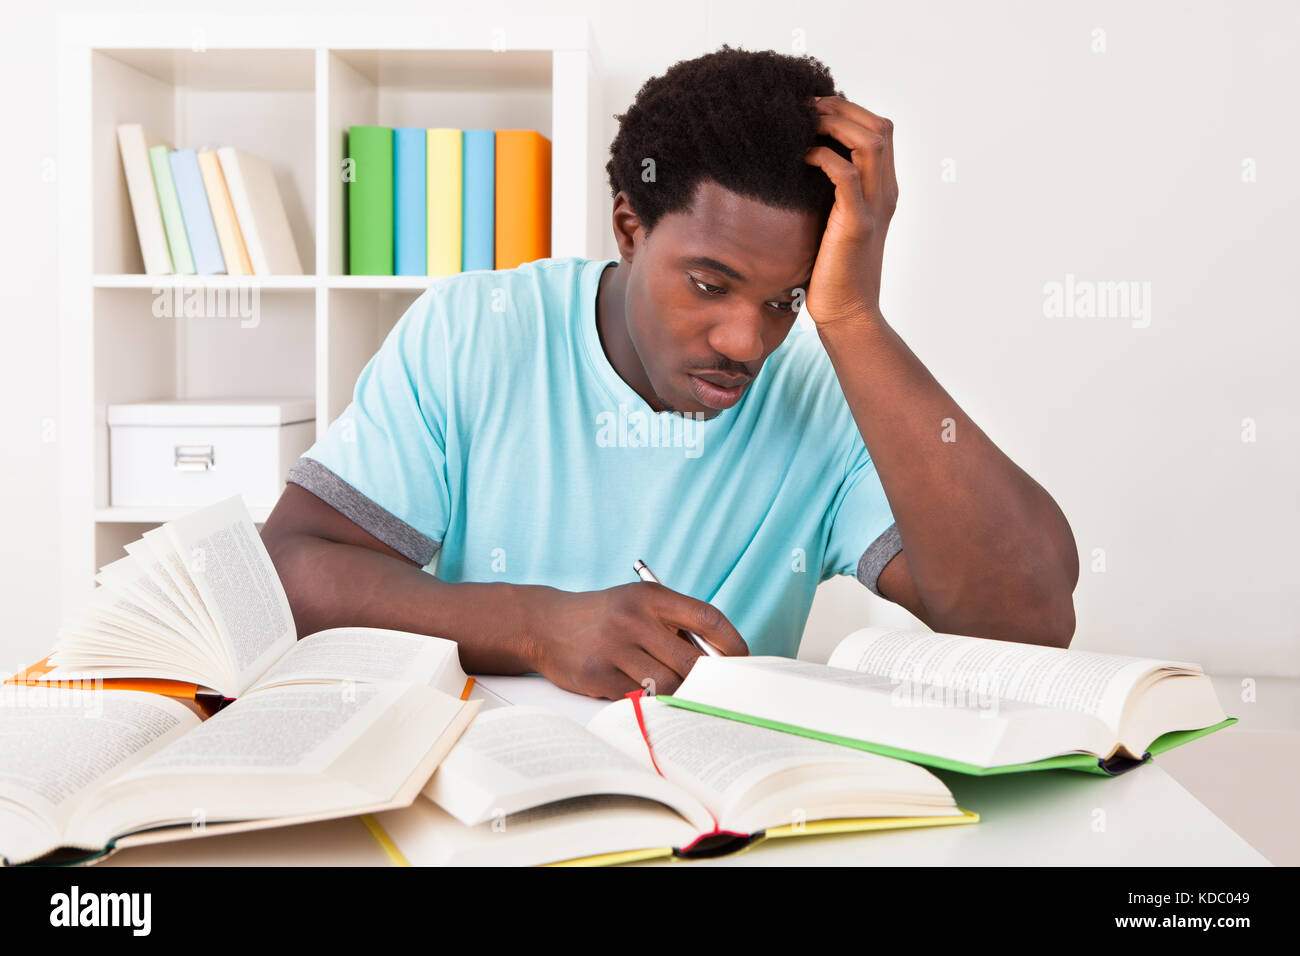 Studieren Mit Depression